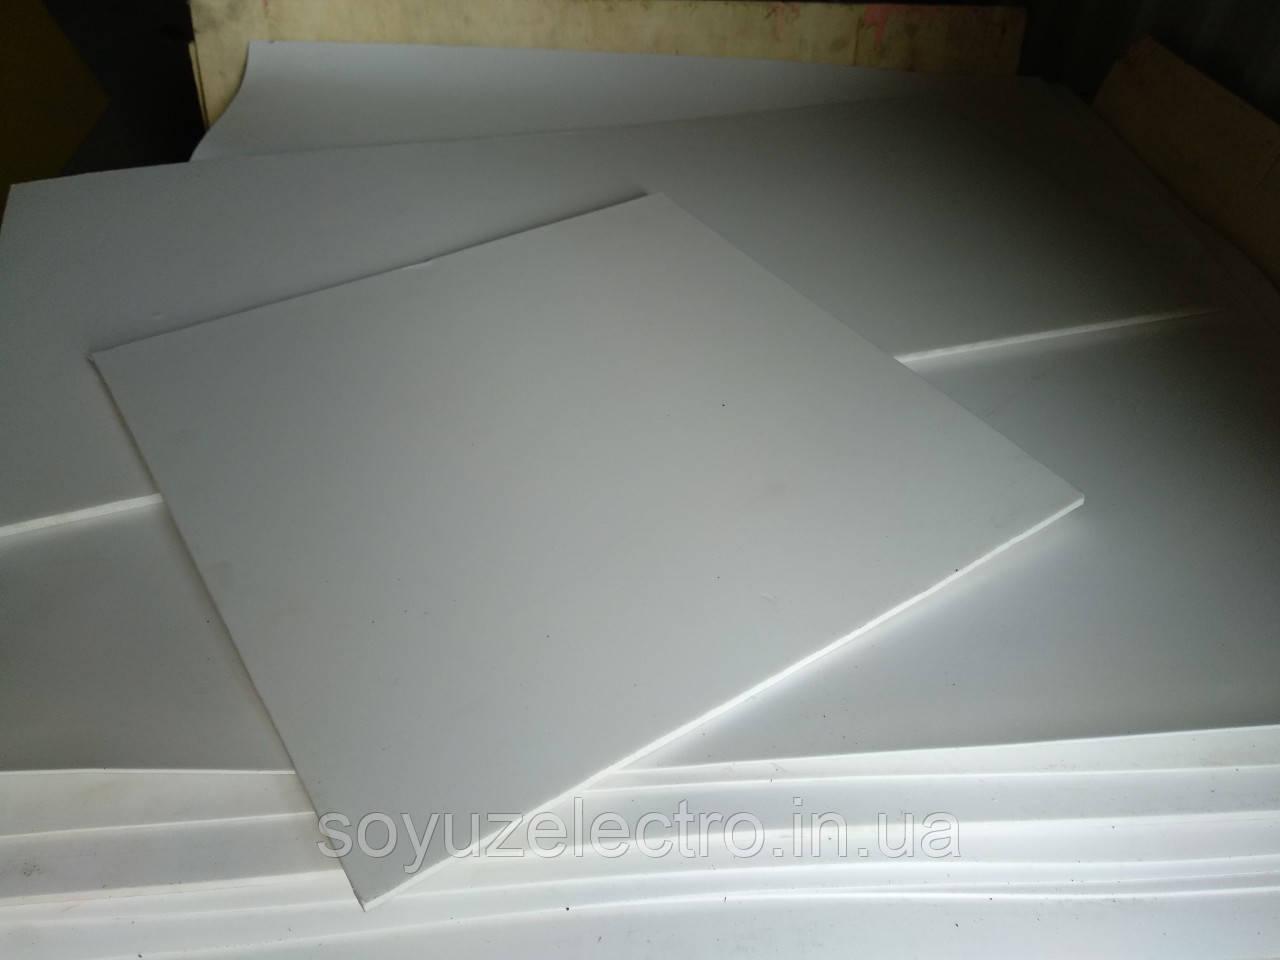 Фторопласт лист Ф4 10 мм 500х500 мм